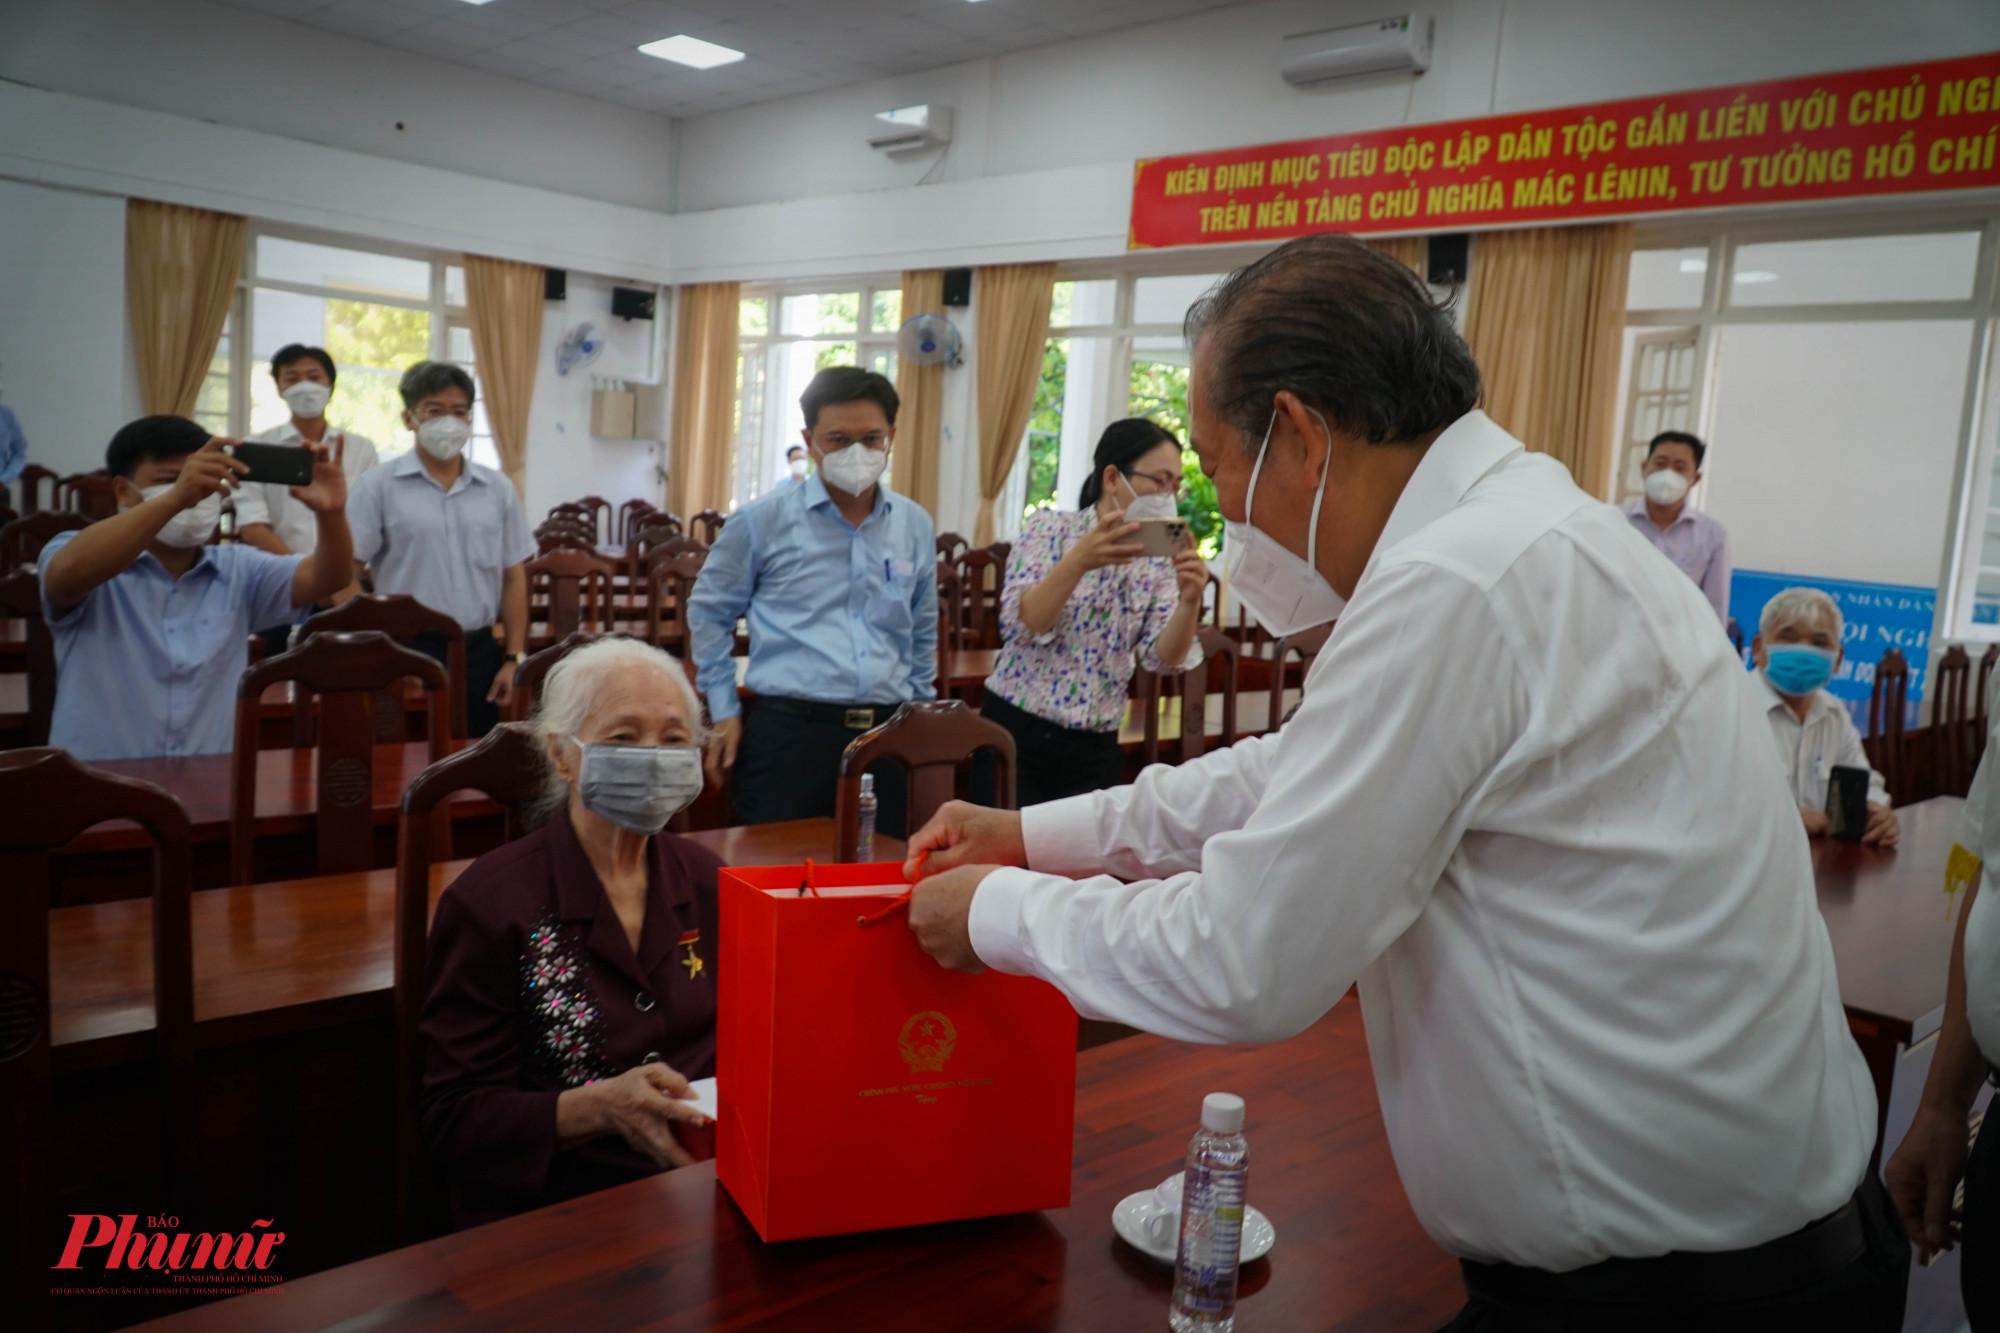 Phó Thủ tướng Thường trực chính phủ - Trương Hòa Bình ân cần thăm hỏi sức khỏe mẹ VNAH  Võ Thị Tuội